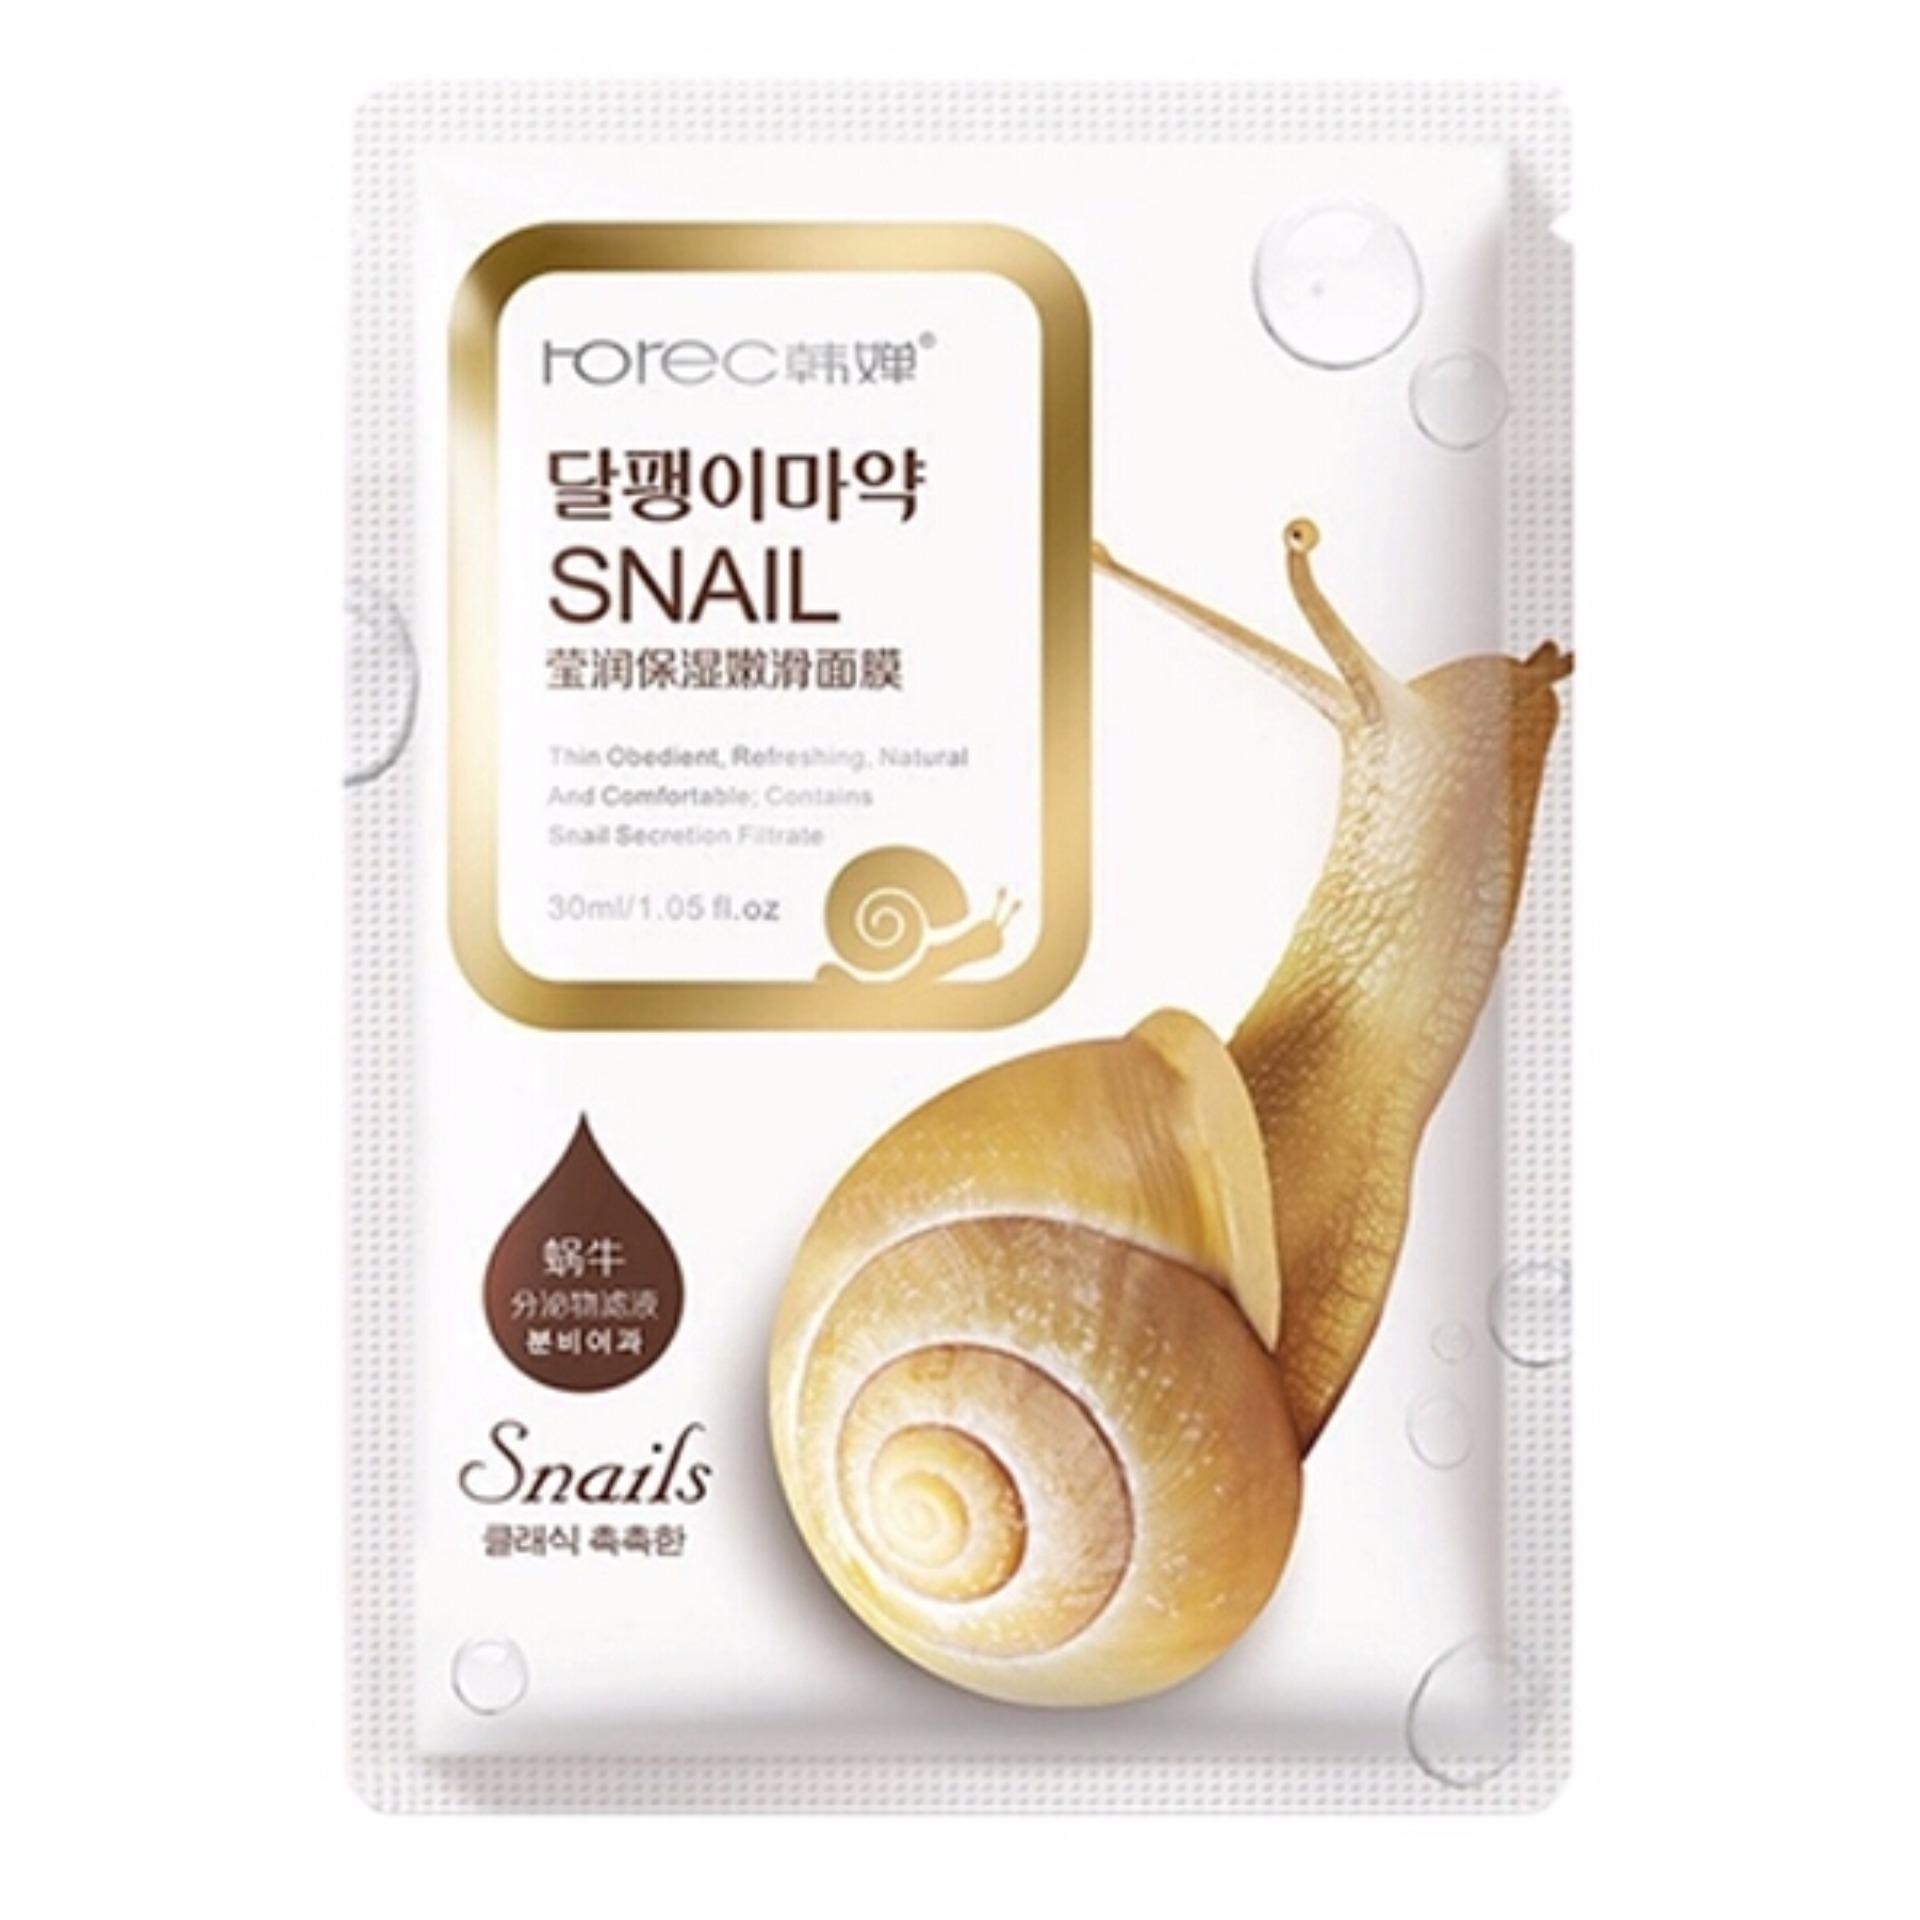 Rorec Masker Wajah Snail Dope Whitening Alami